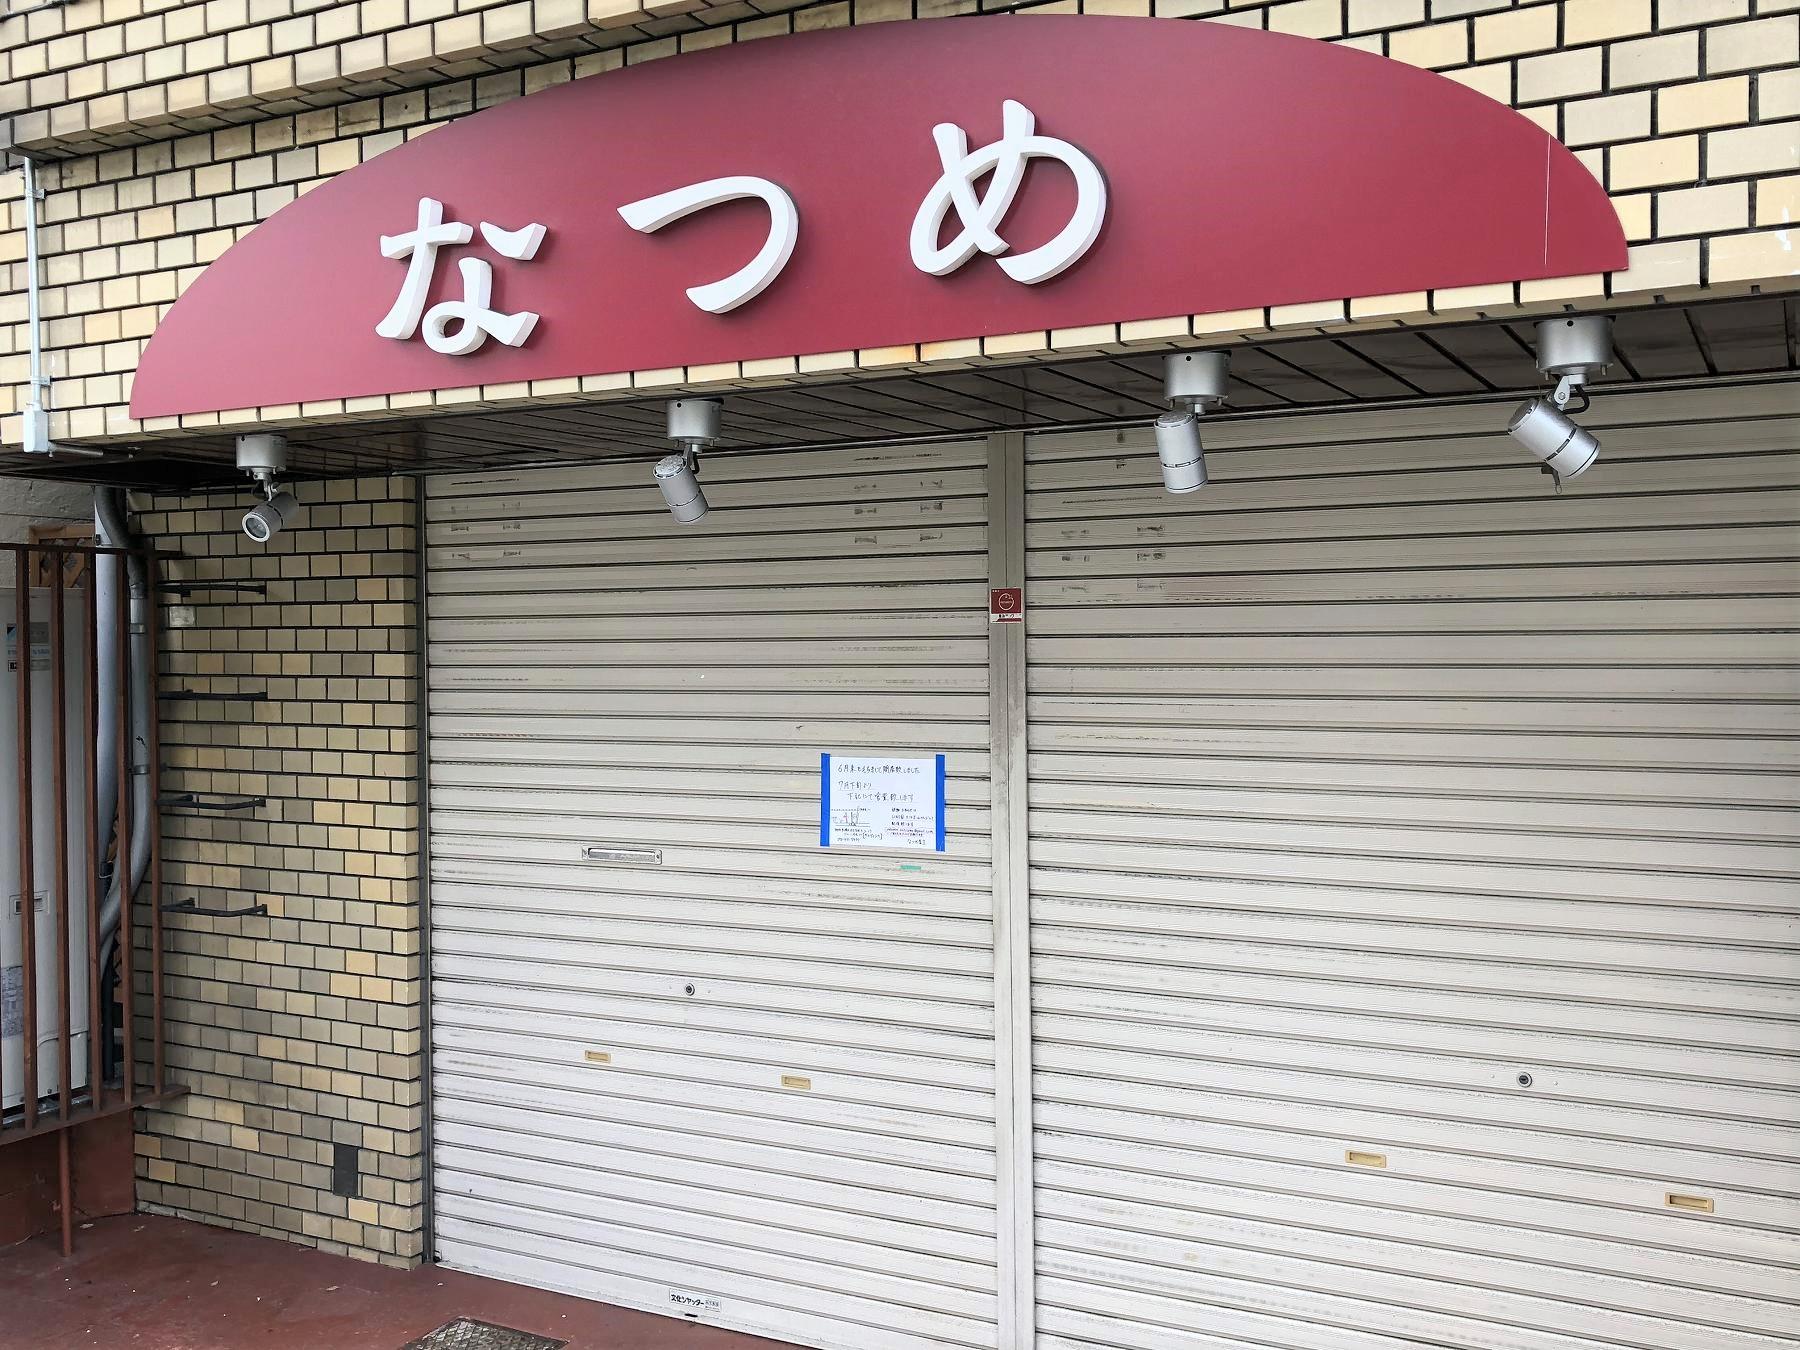 東灘・甲南山手にある薬膳のお店「なつめ」さんが閉店、7月に移転オープン予定だよ! #薬膳 #閉店情報 #東灘区 #なつめ #移転オープン